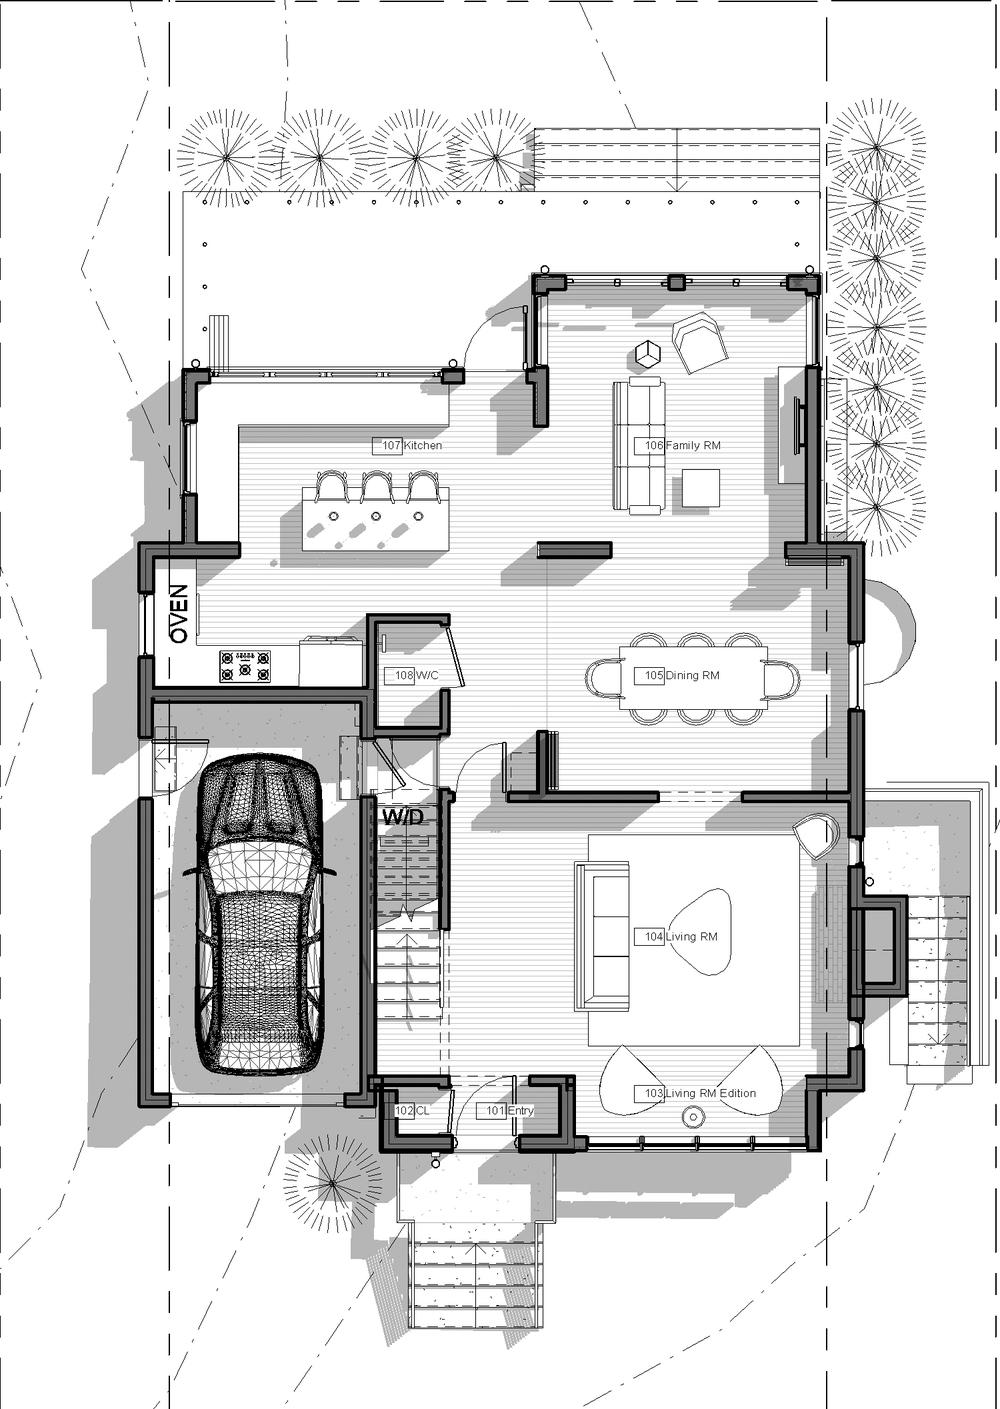 Veazey St_09 - Floor Plan - 1ST PLAN - MODEL-1.jpg